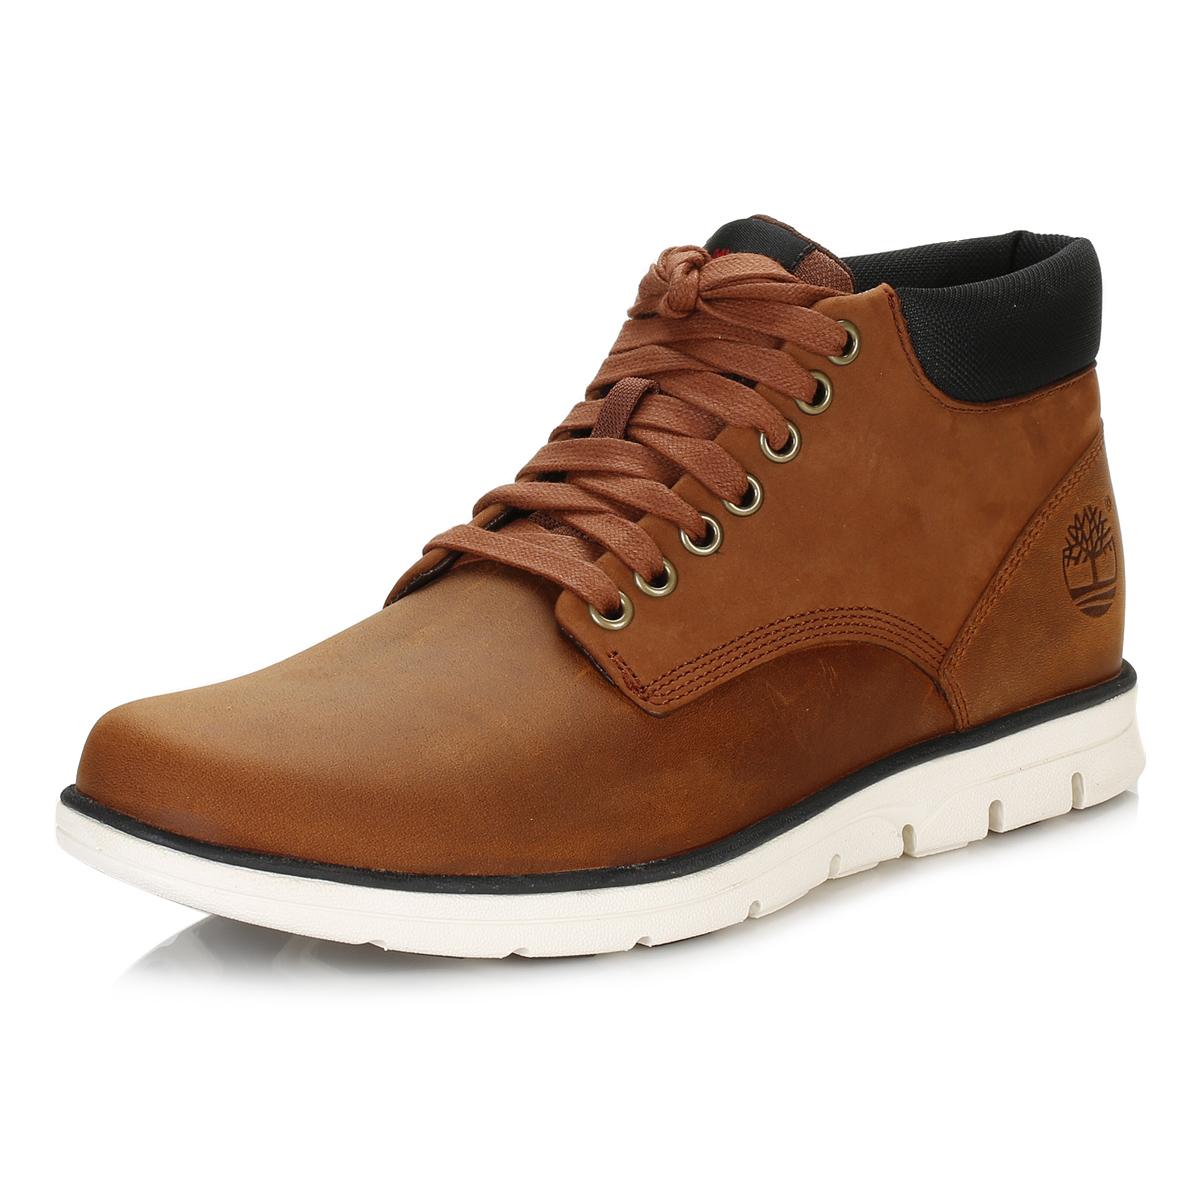 timberland chukka boots brown